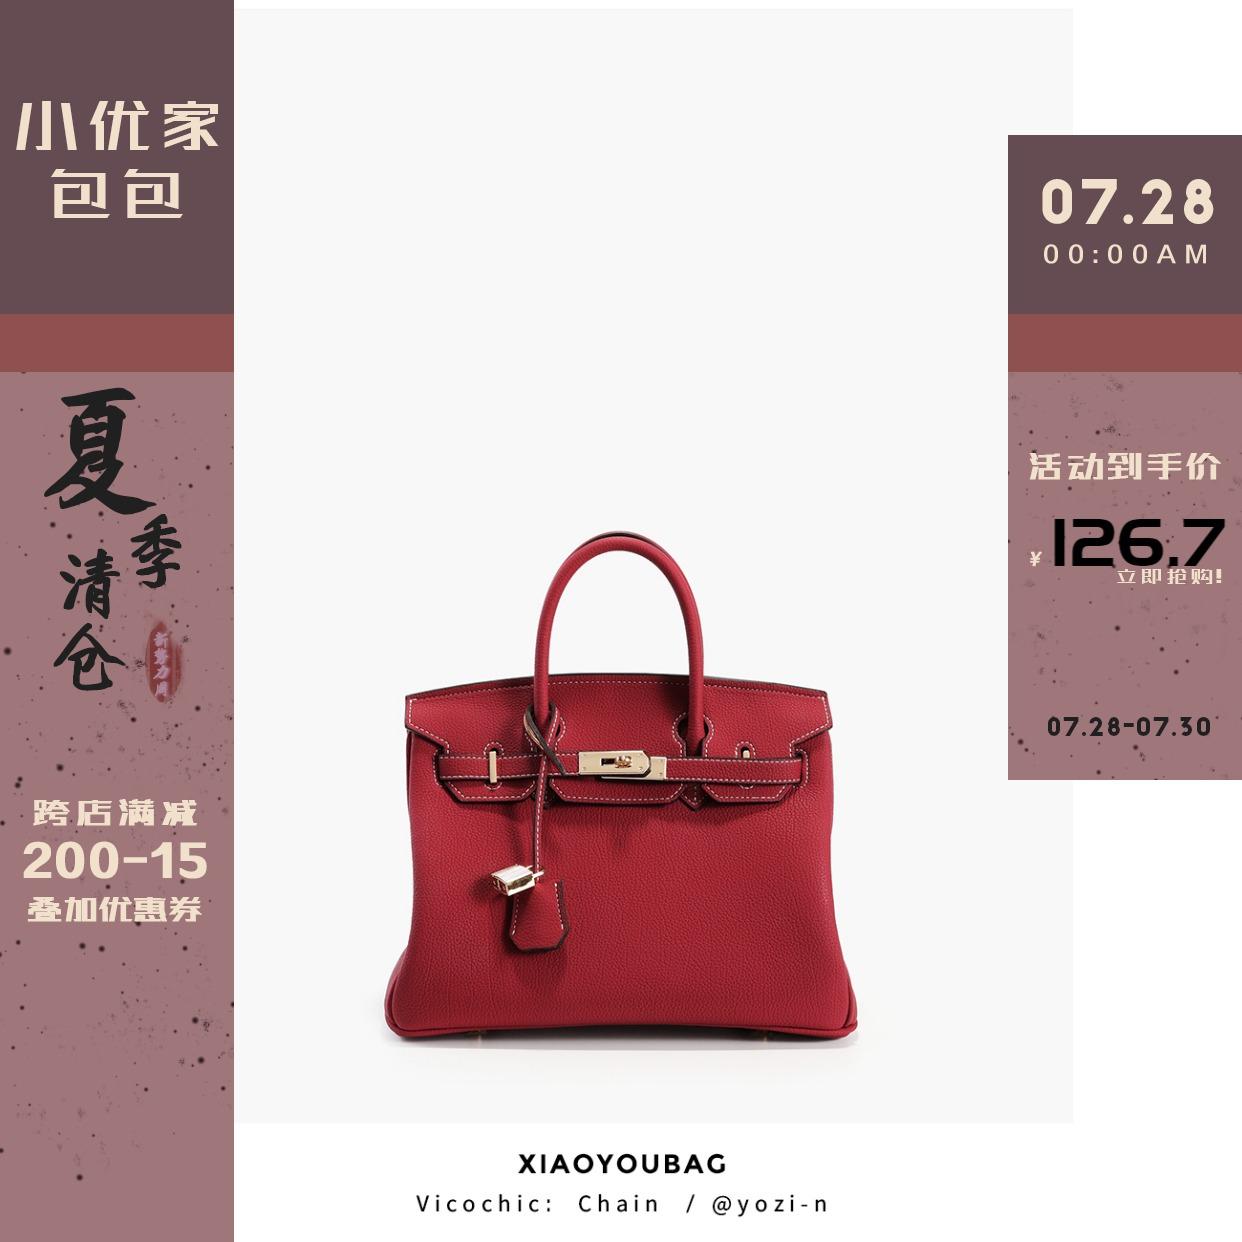 红色手提包 小优家铂金包女2021新款单肩包简约红色新娘包结婚包手提包大包包_推荐淘宝好看的红色手提包